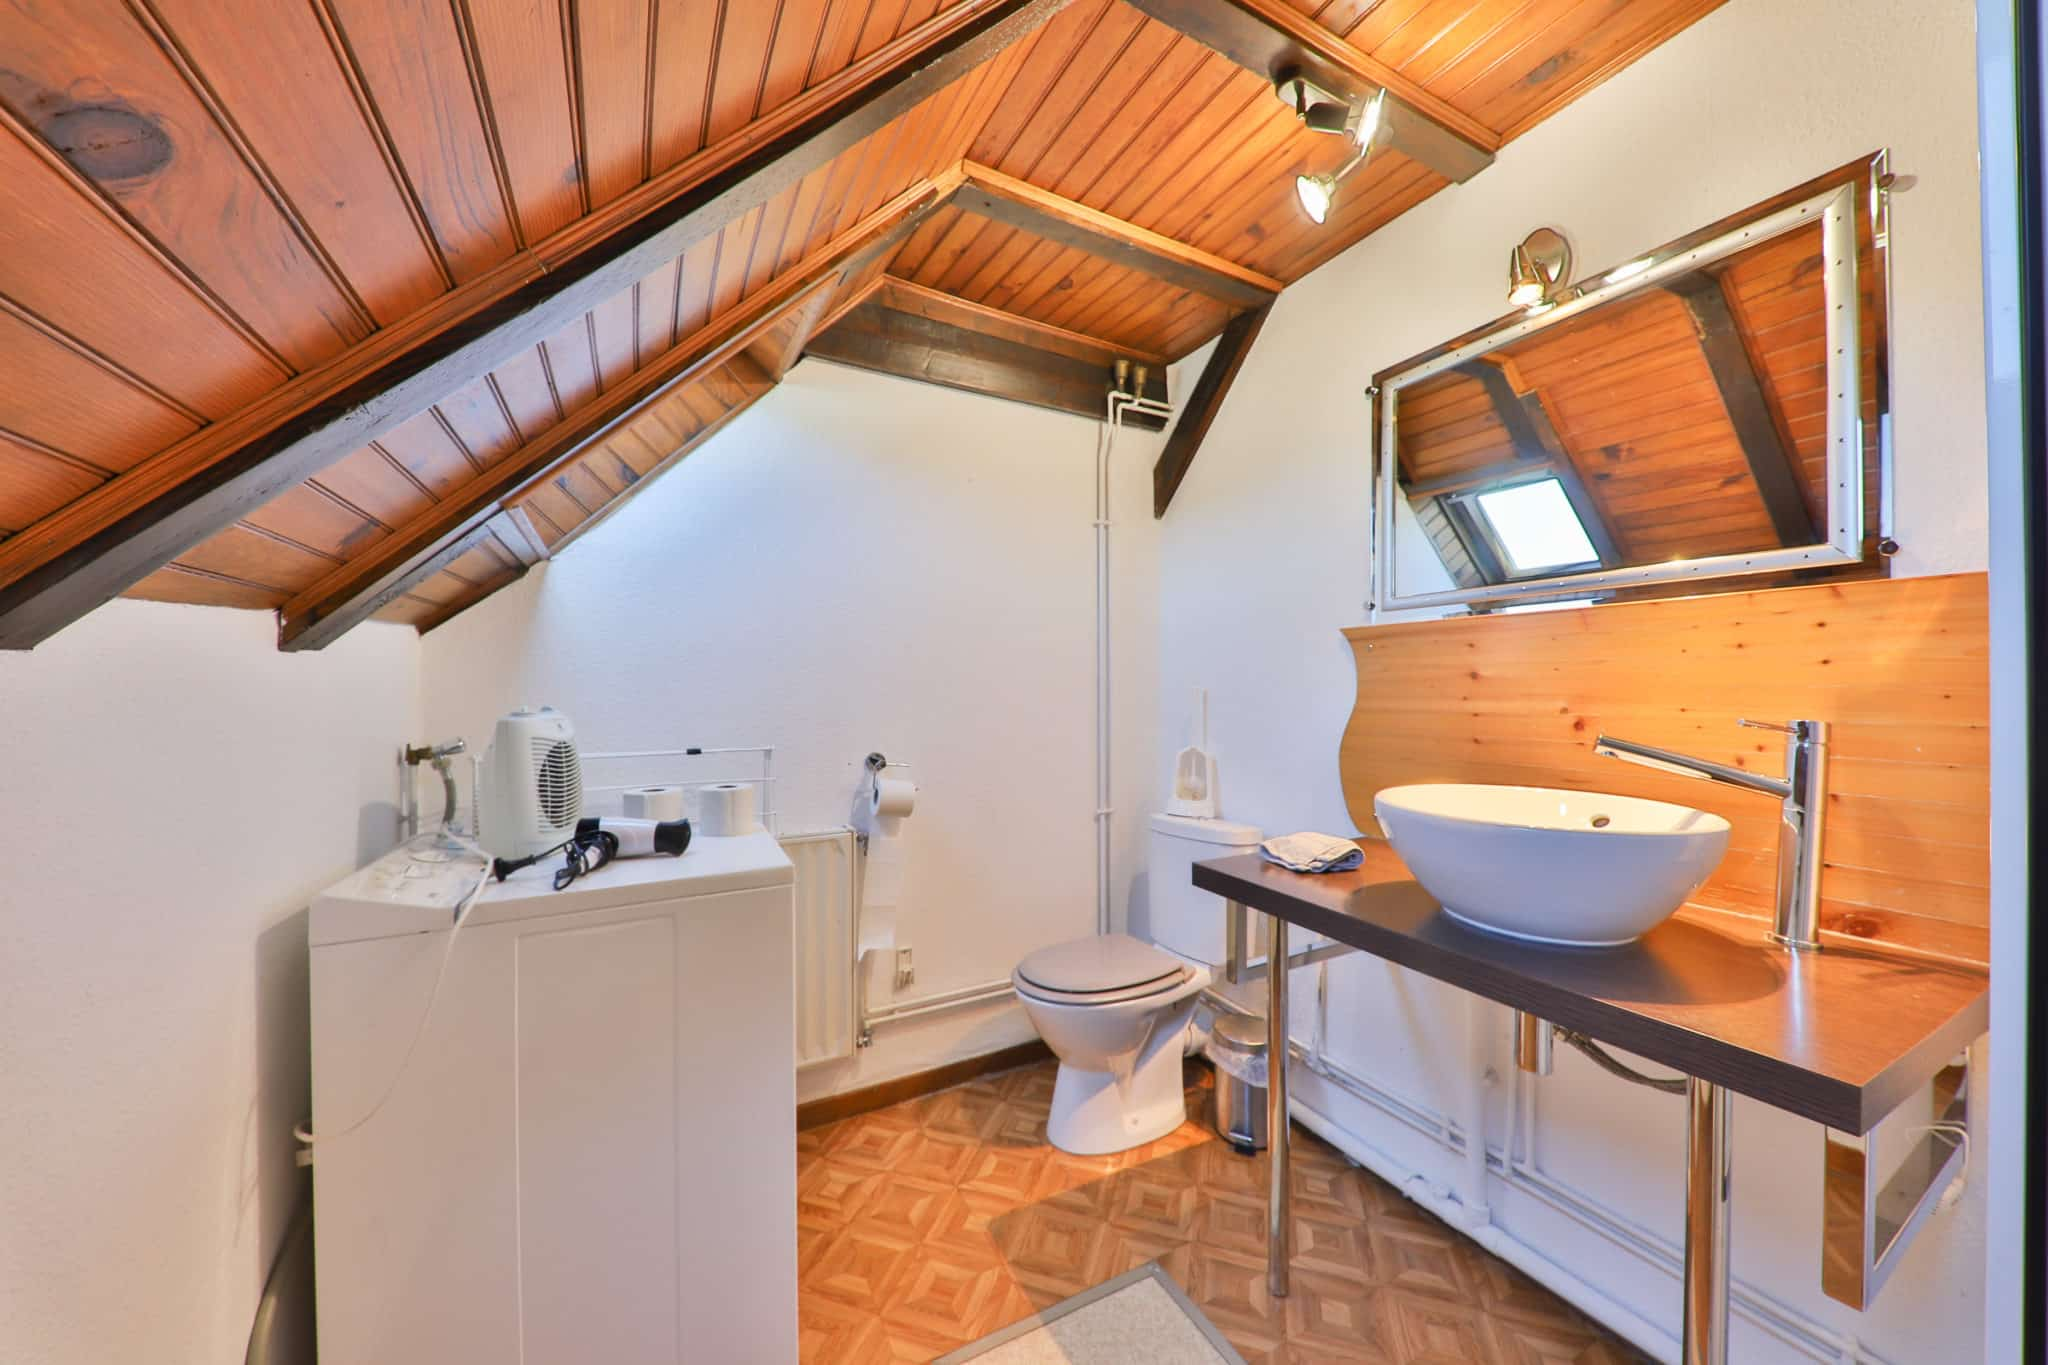 Les trois sommets - Gîte La Marguerite - Salle de bain